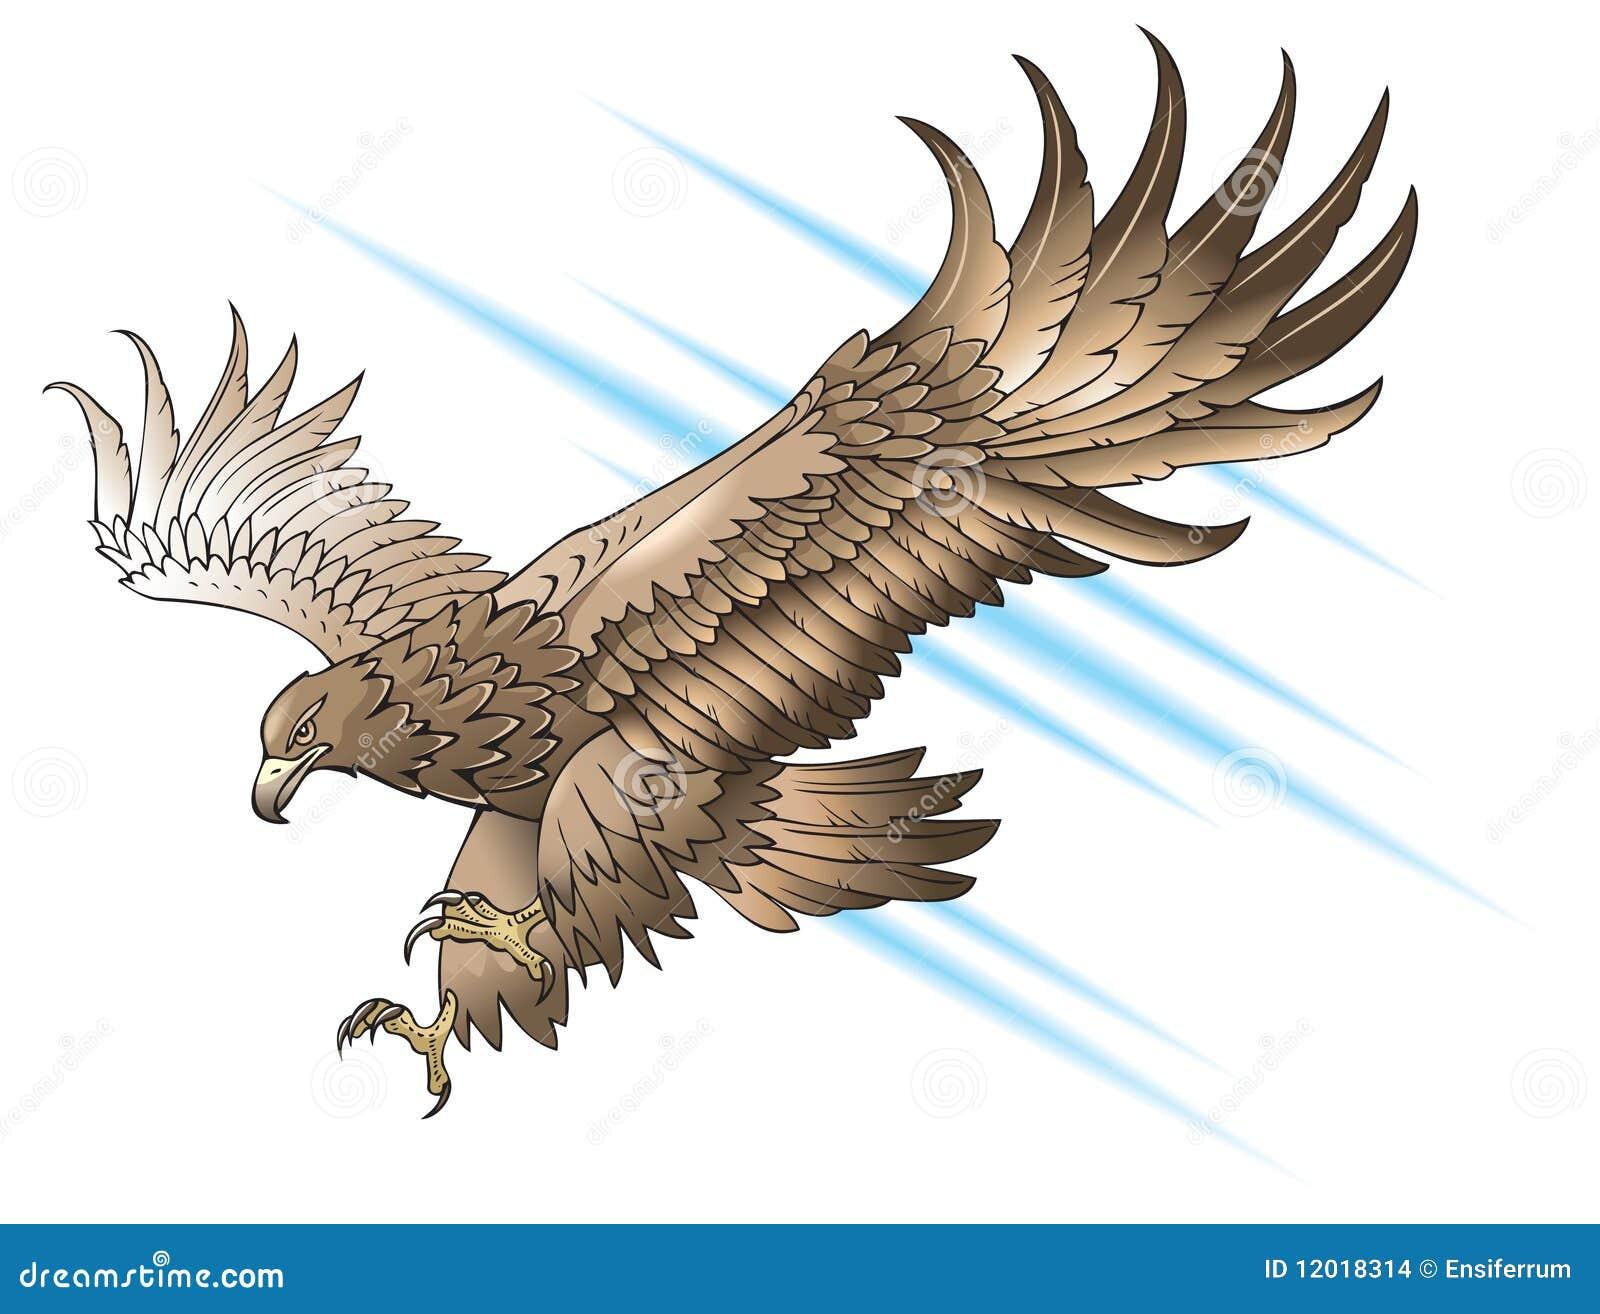 Águila que ataca